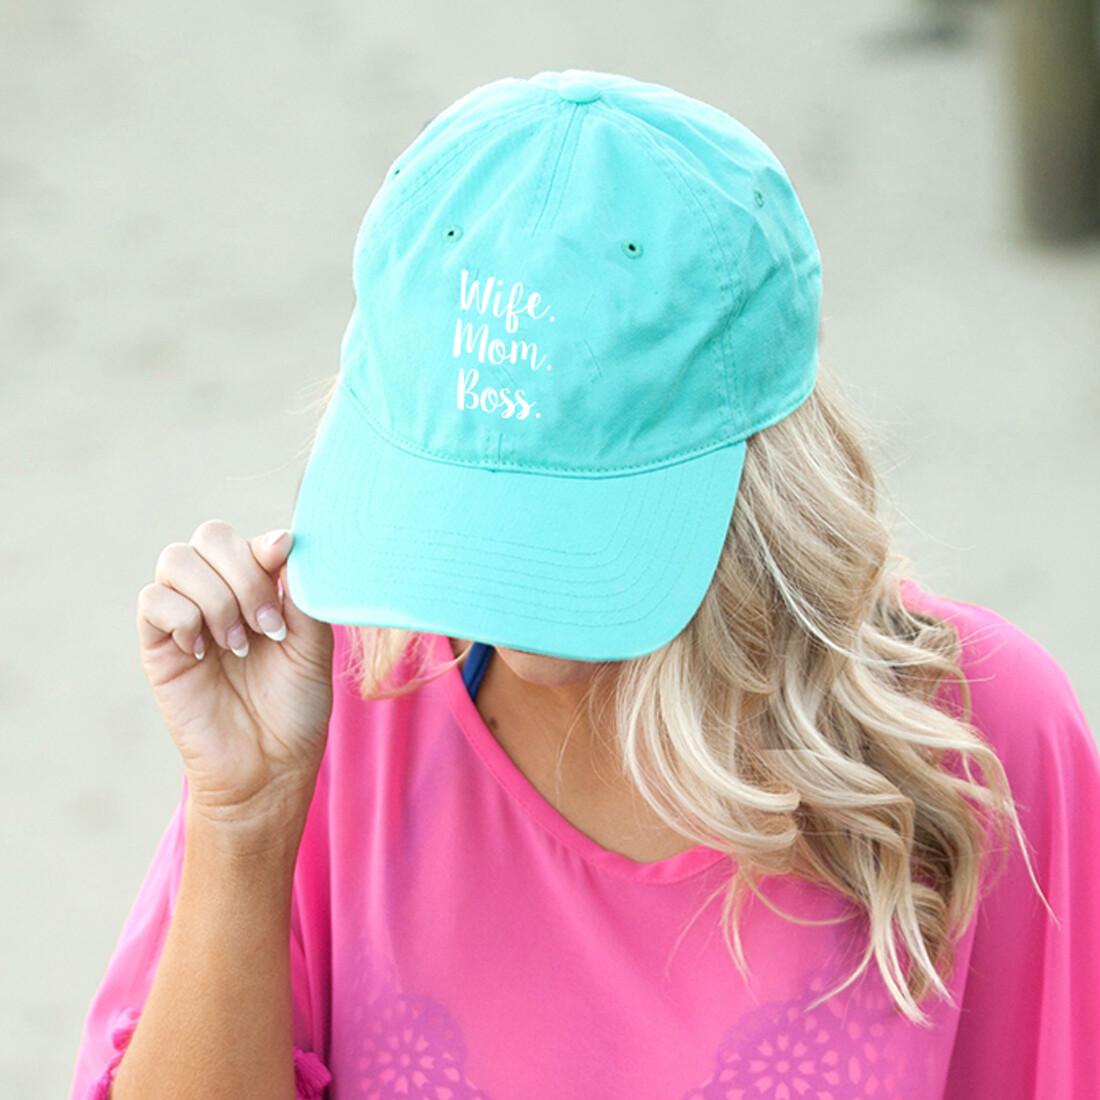 Wife.Mom.Boss Mint Hat